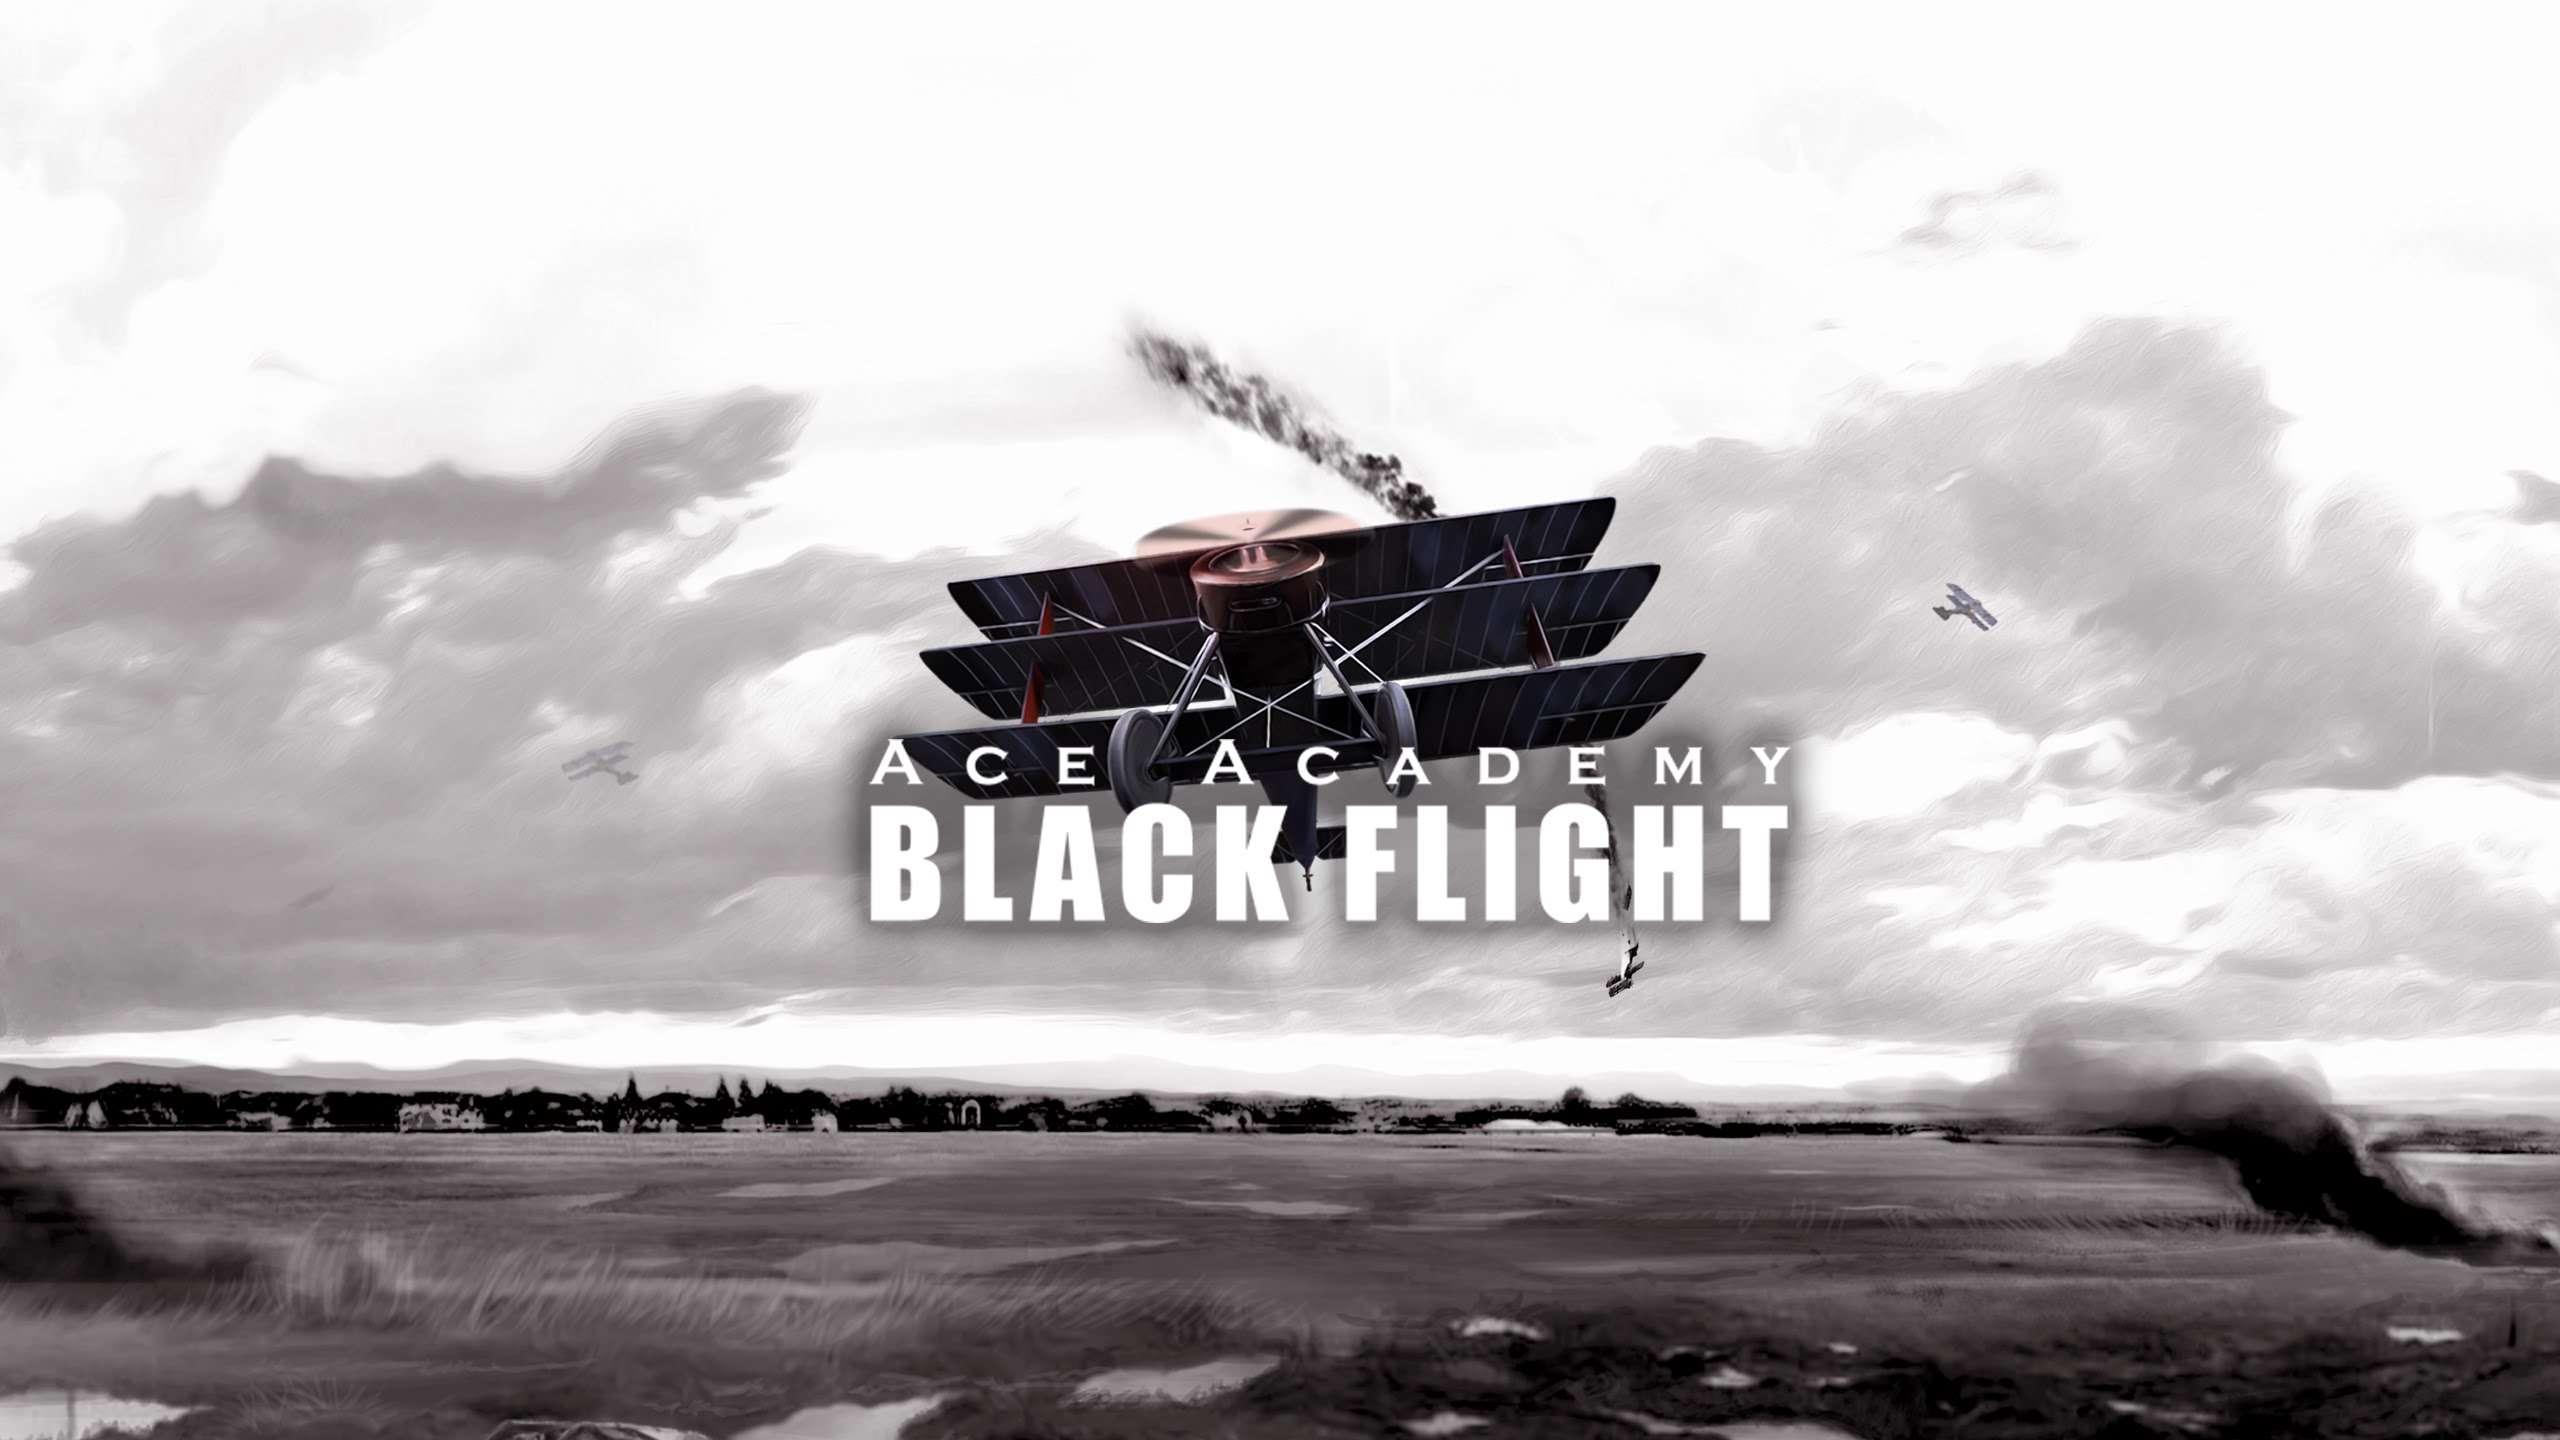 دانلود بازی هواپیمای جنگی Ace Academy Black Flight 1.0.7 برای اندروید